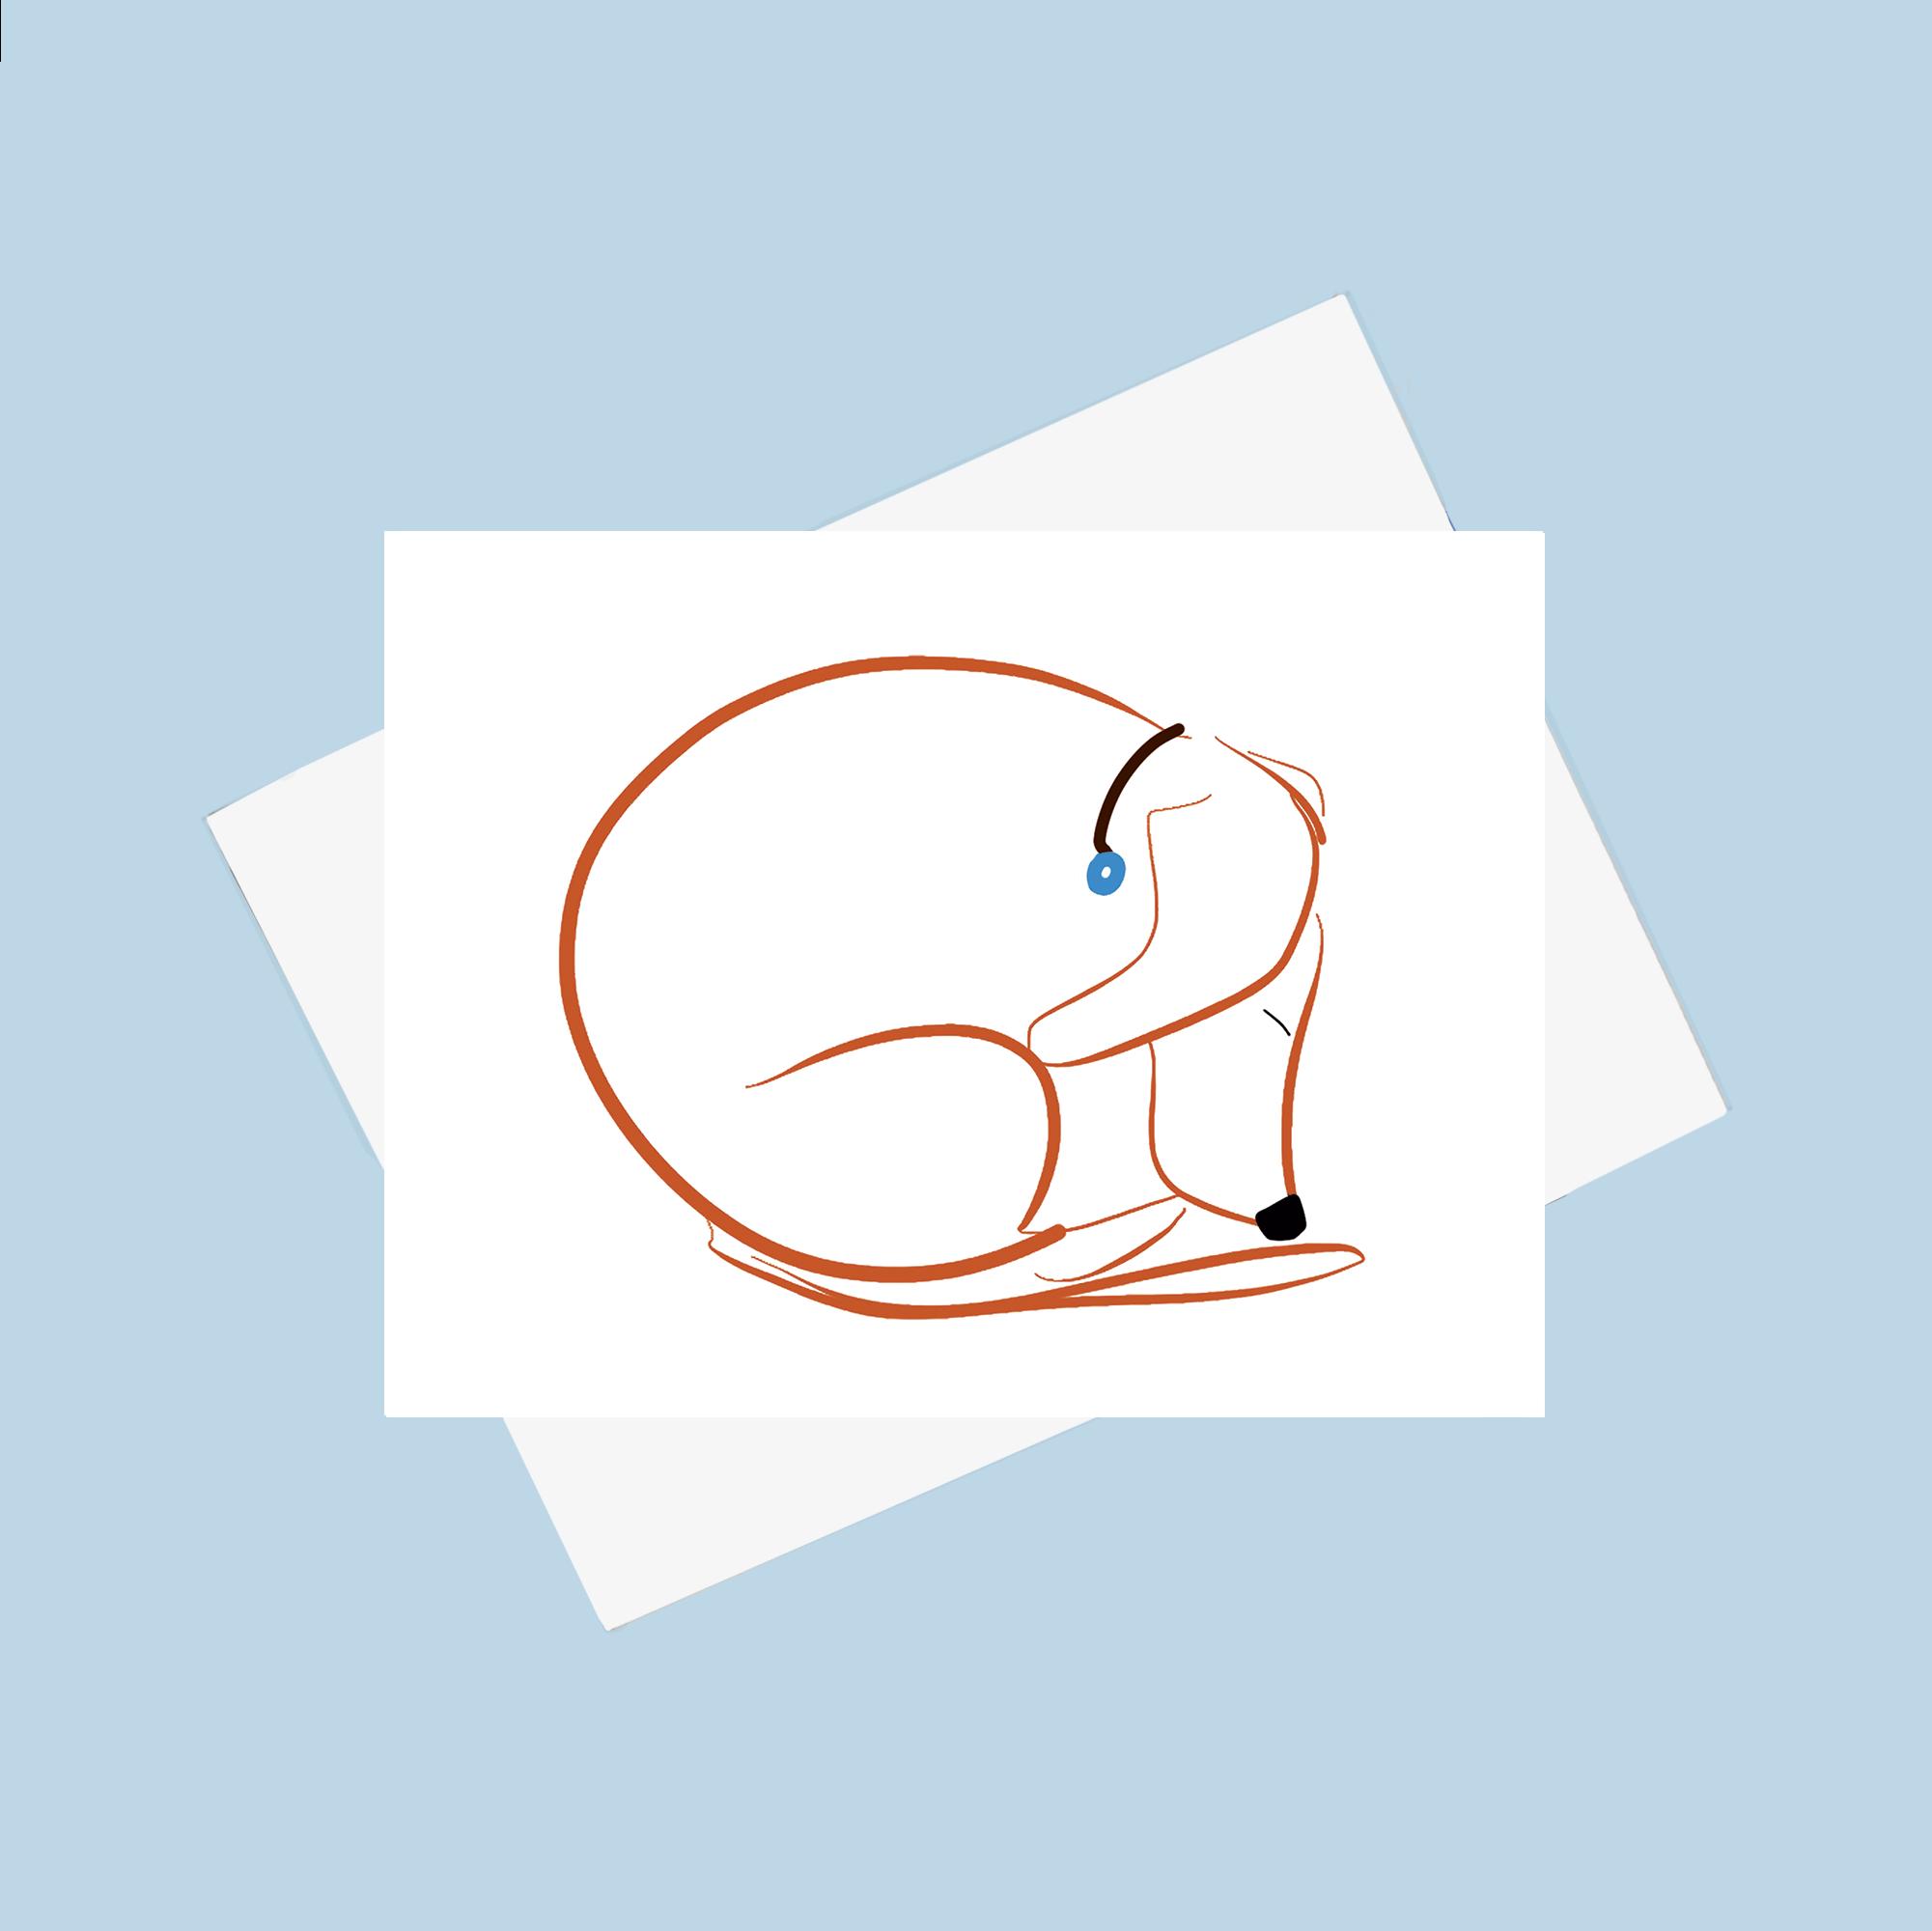 sleepy dachshund drawing on a card